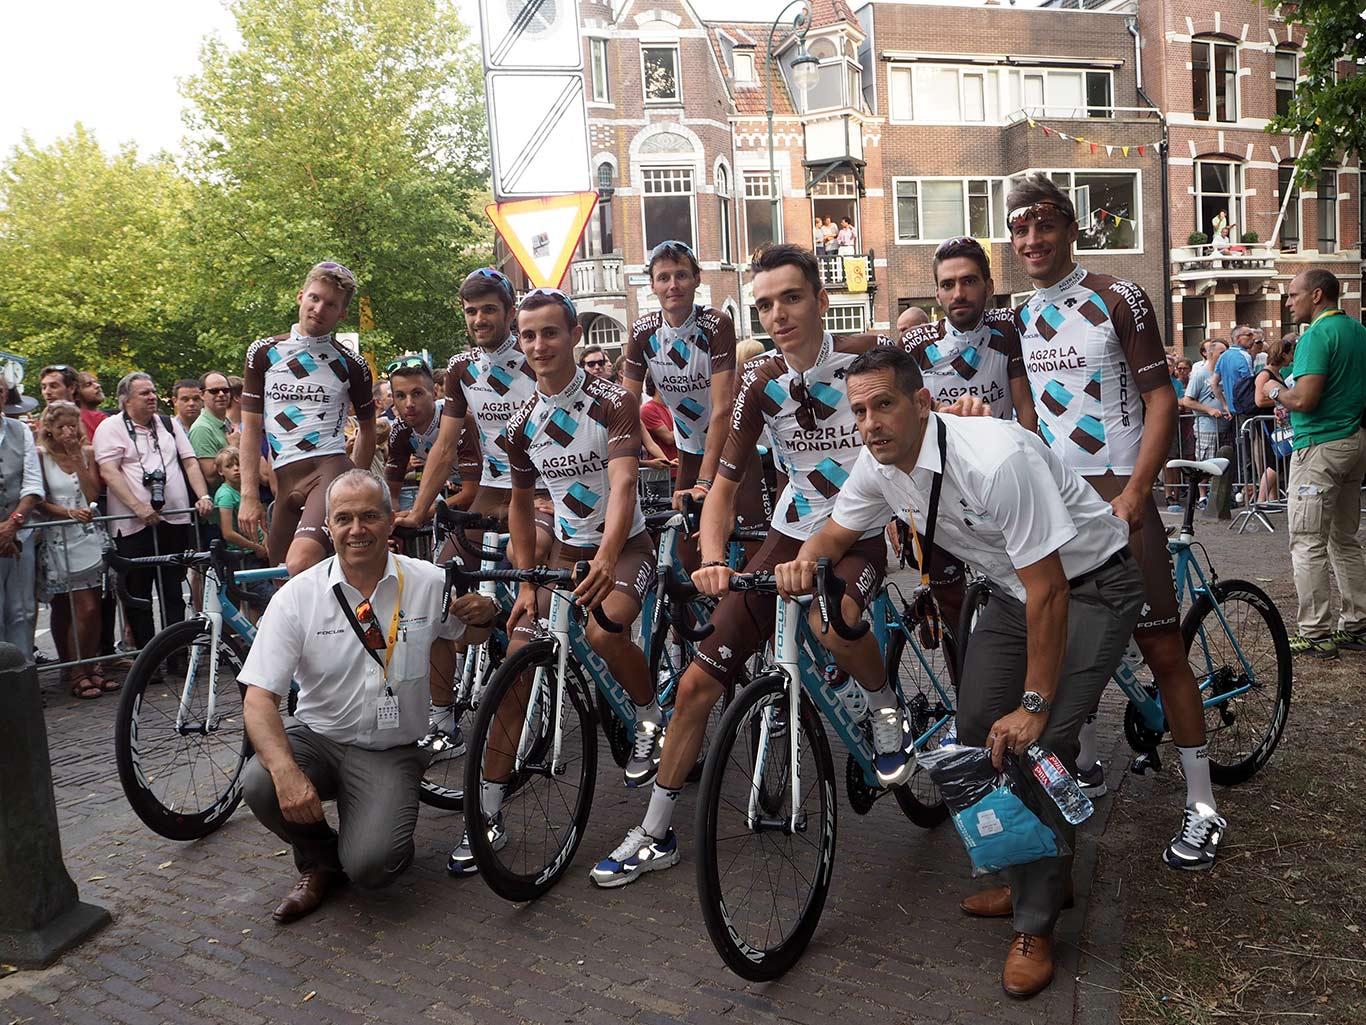 Tour de France Tour de France 2015 Equipe AG2R LA MONDIALE YPM